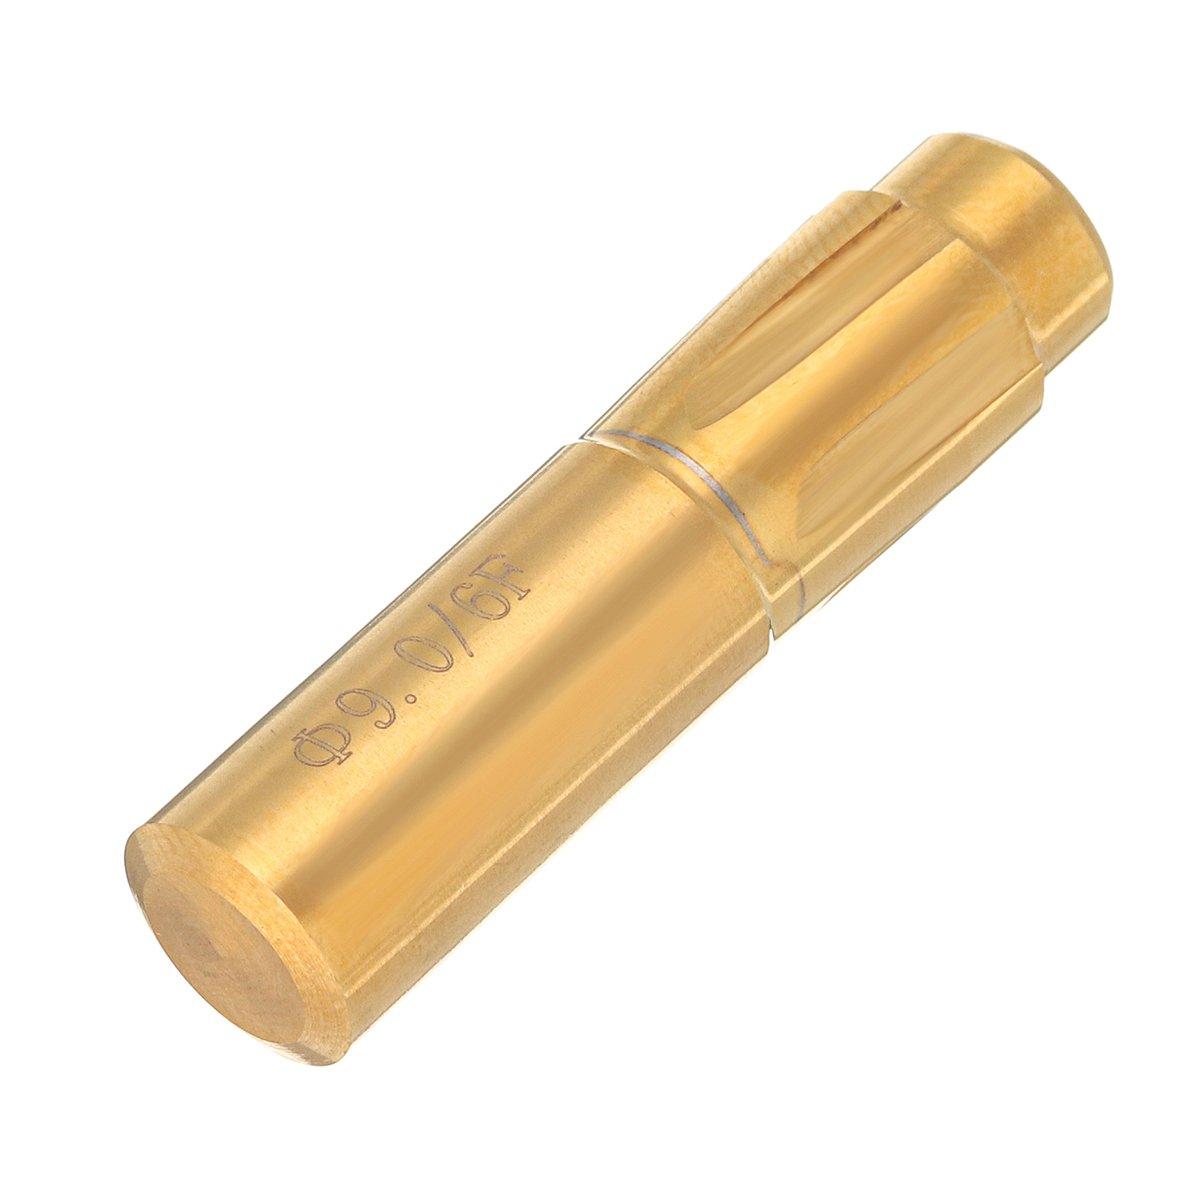 9.0mm ChaRLes 5,5-11,43Mm 6 Fl/öten Spiralbohrer Push Rifling Button Kammer Helical Maschine Reibahle